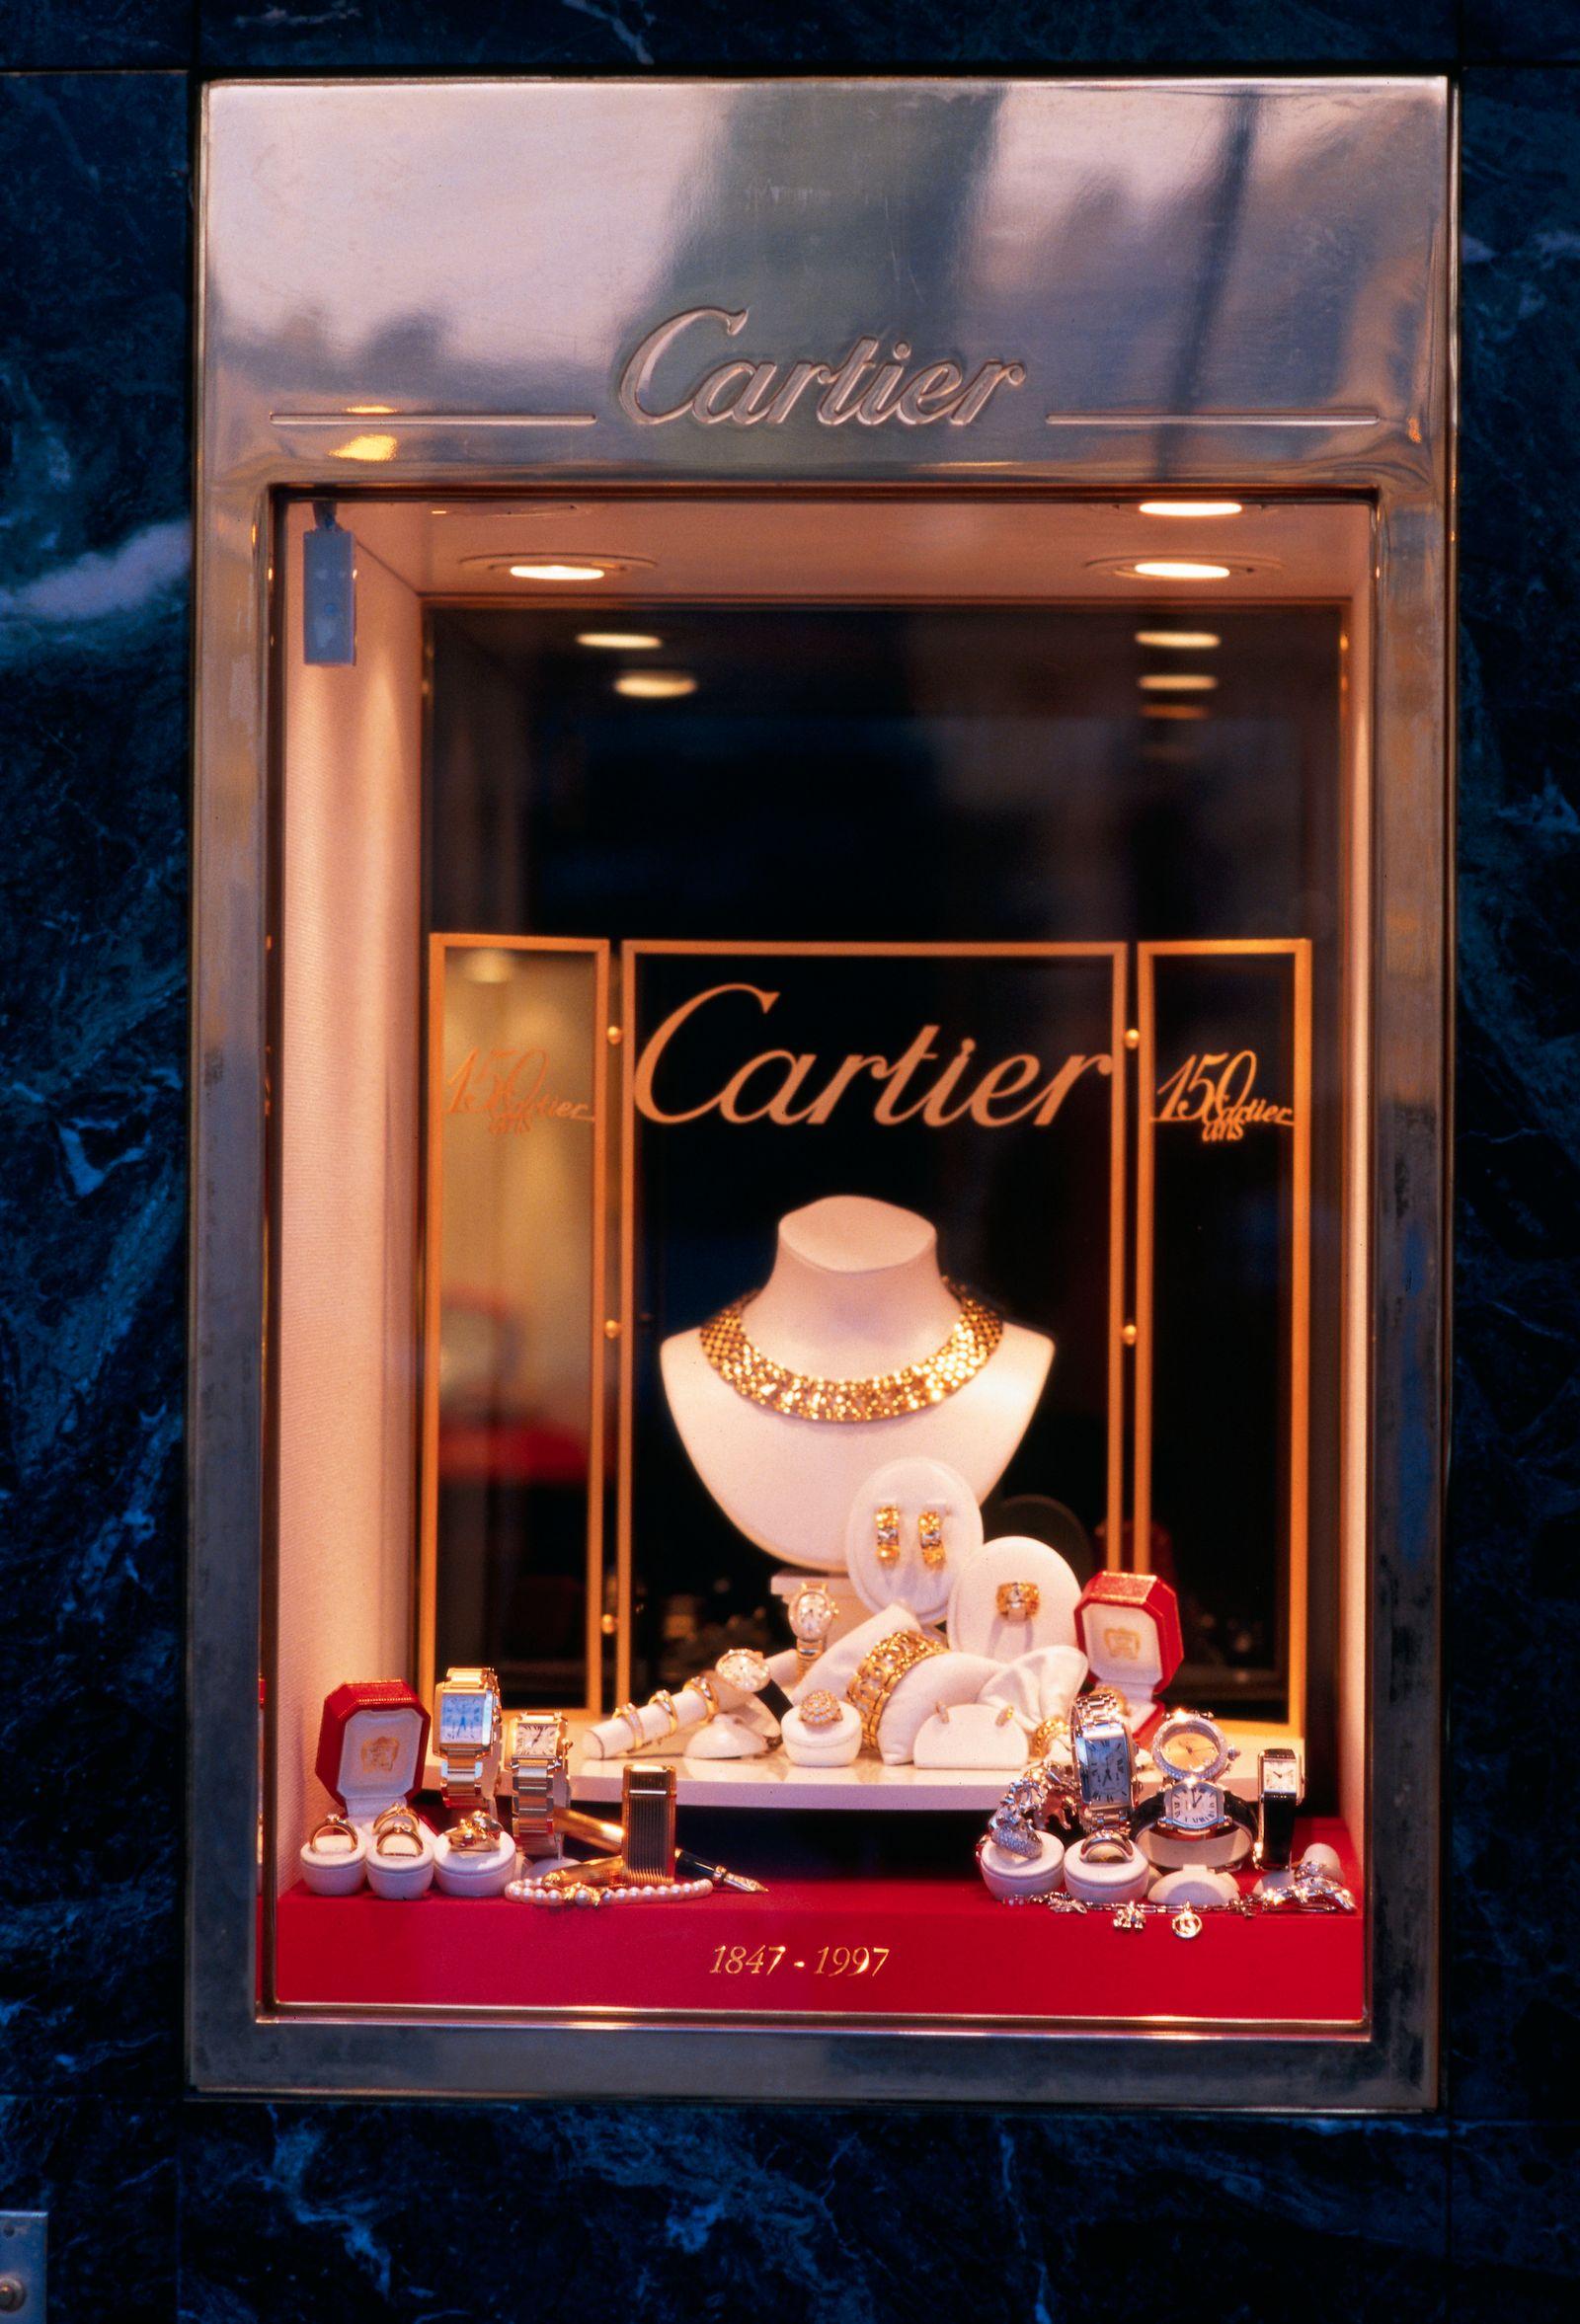 NICHT MEHR VERWENDEN! - Cartier / Schmuck / Geschmeide / Gold